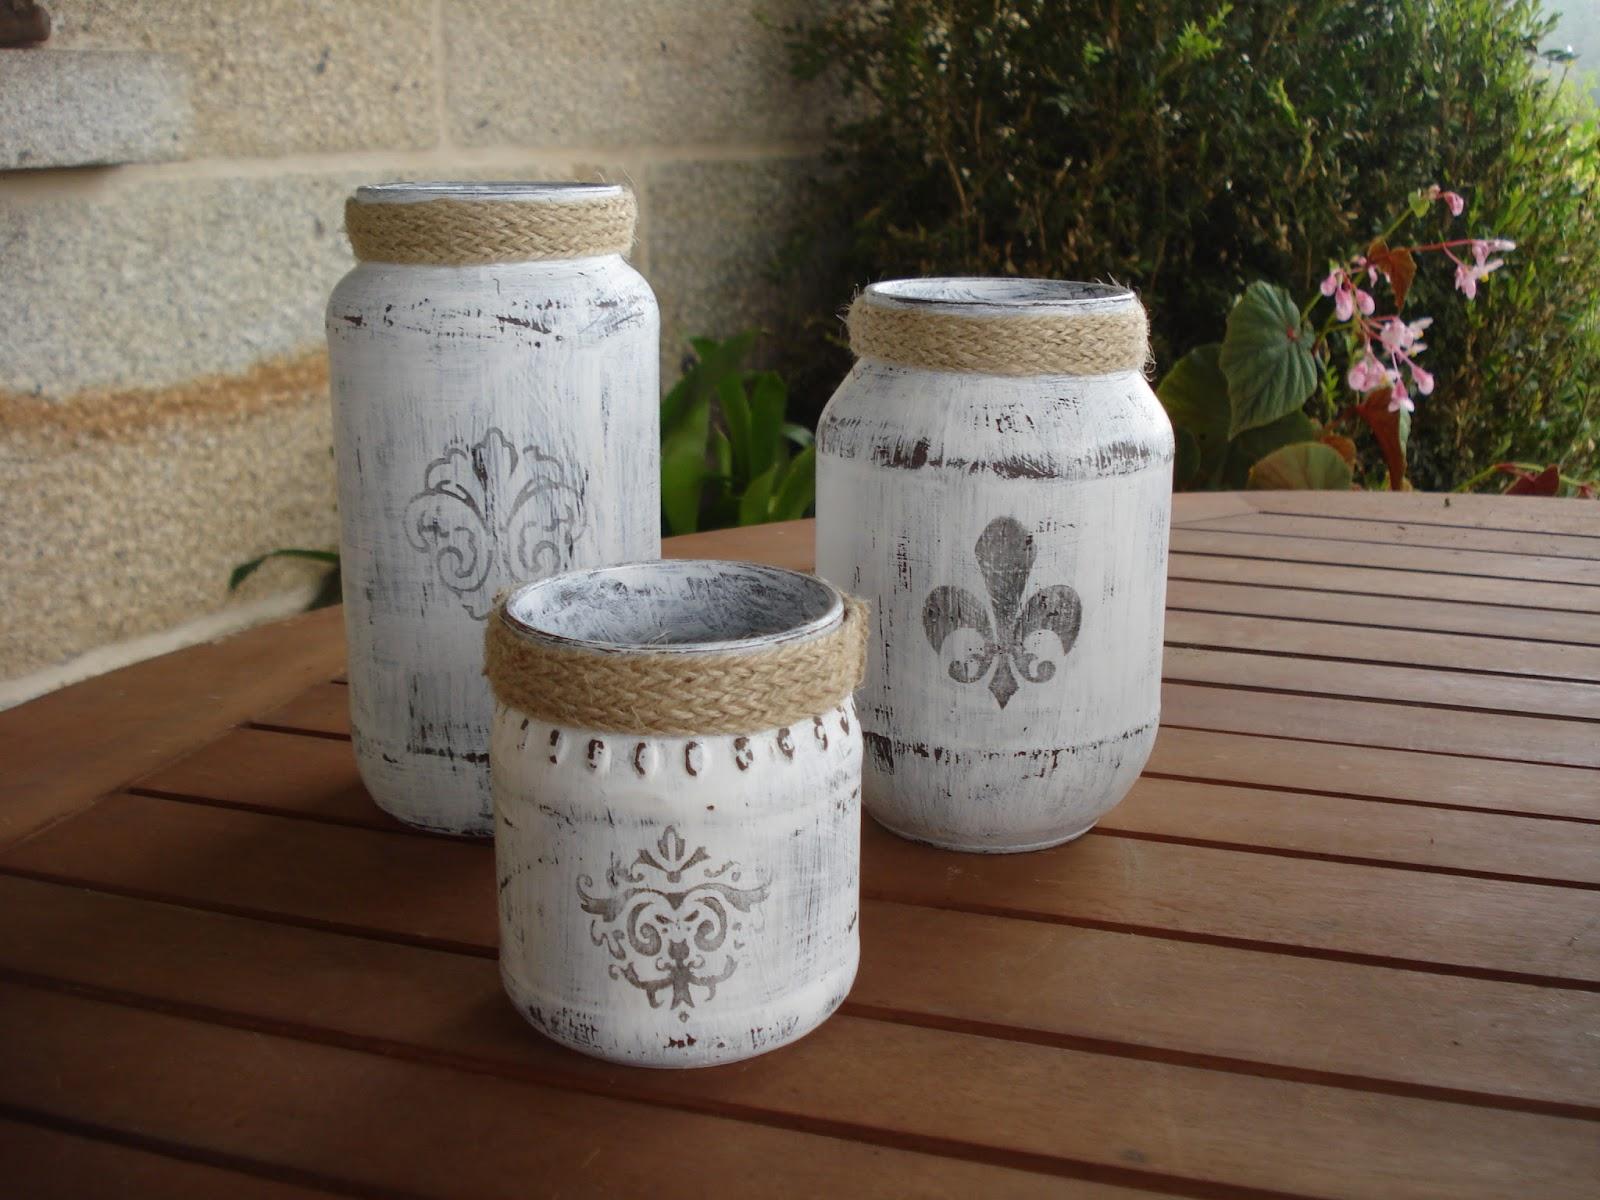 Xanela vintage tarros de cristal vintage for Reciclar botes de cristal decoracion